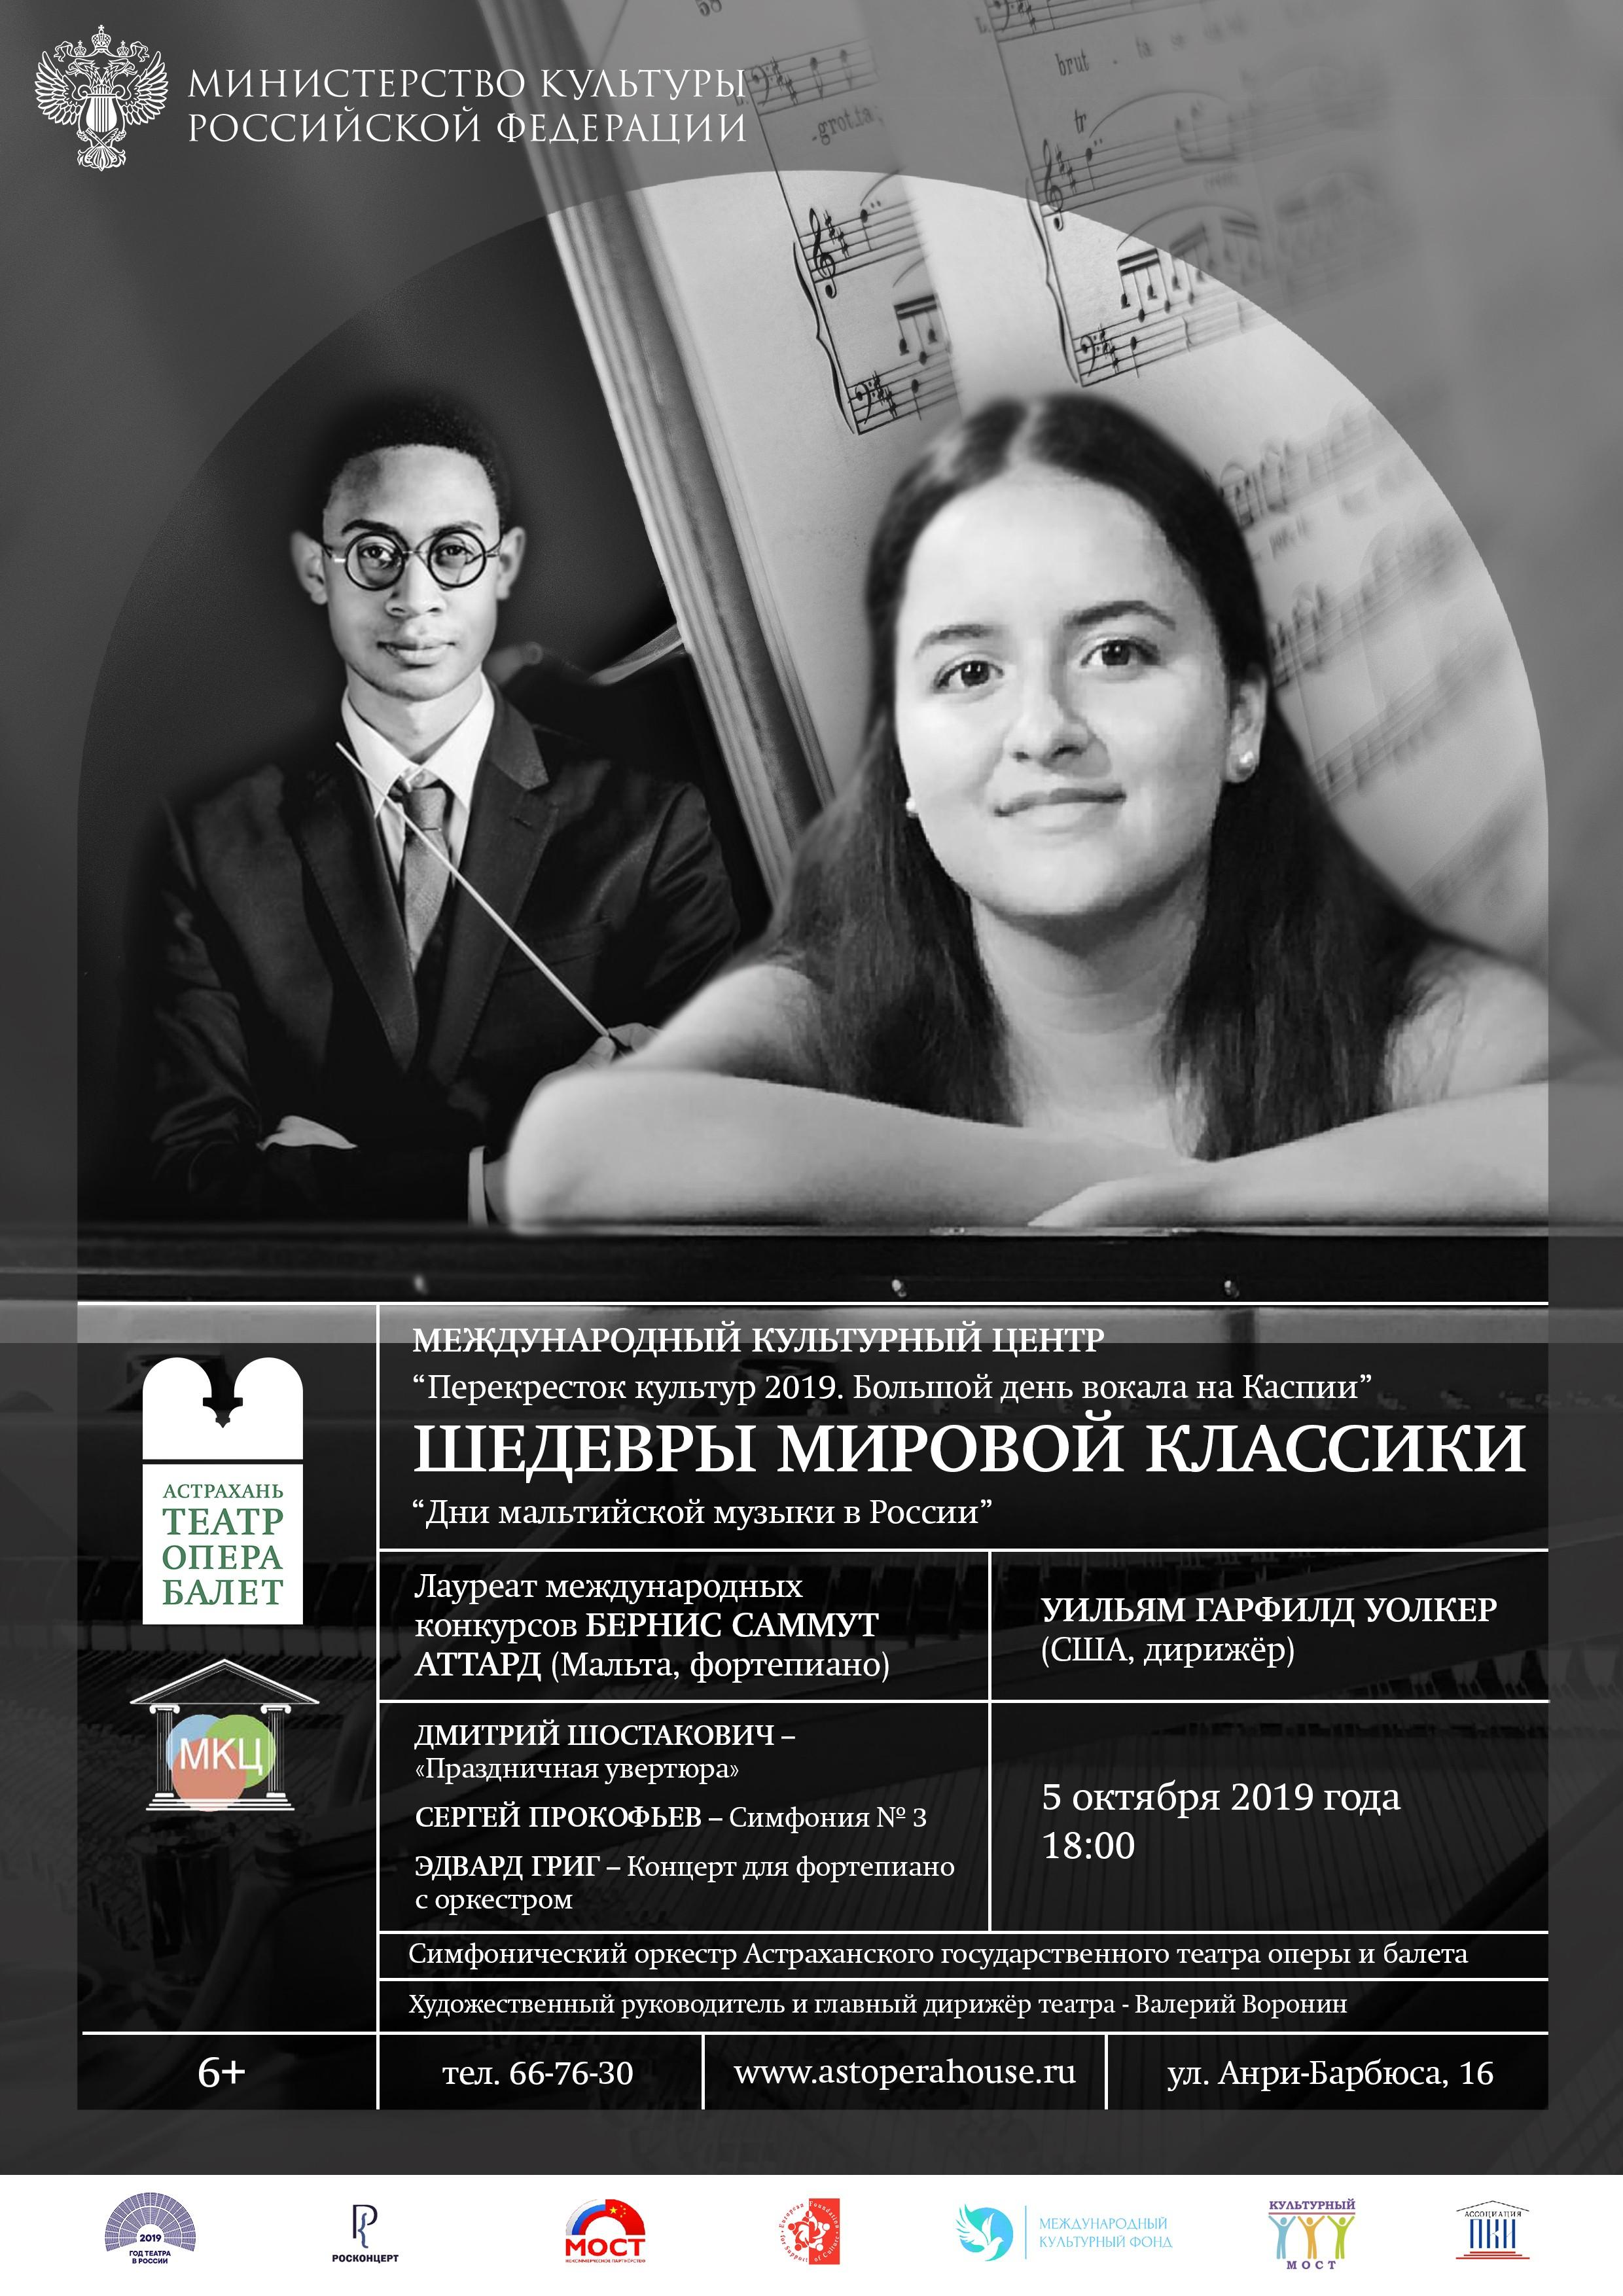 Концерт симфонической музыки «Шедевры мировой классики»